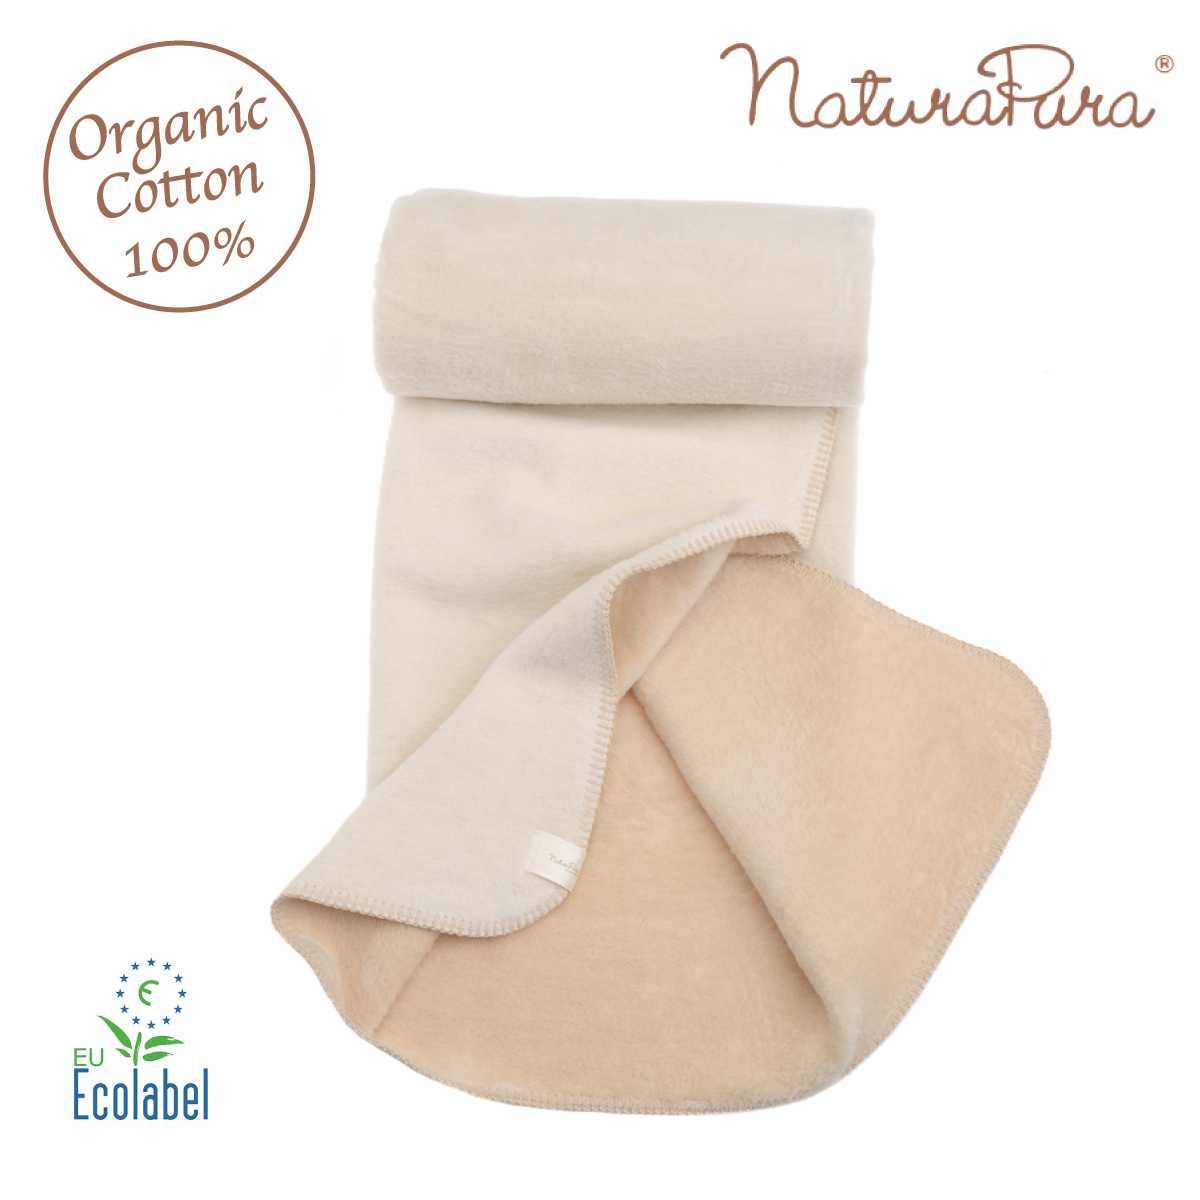 naturapura ナチュラプラ おくるみ 70×50cm オーガニックコットン100% ブランケット 毛布 アフガン ベビー